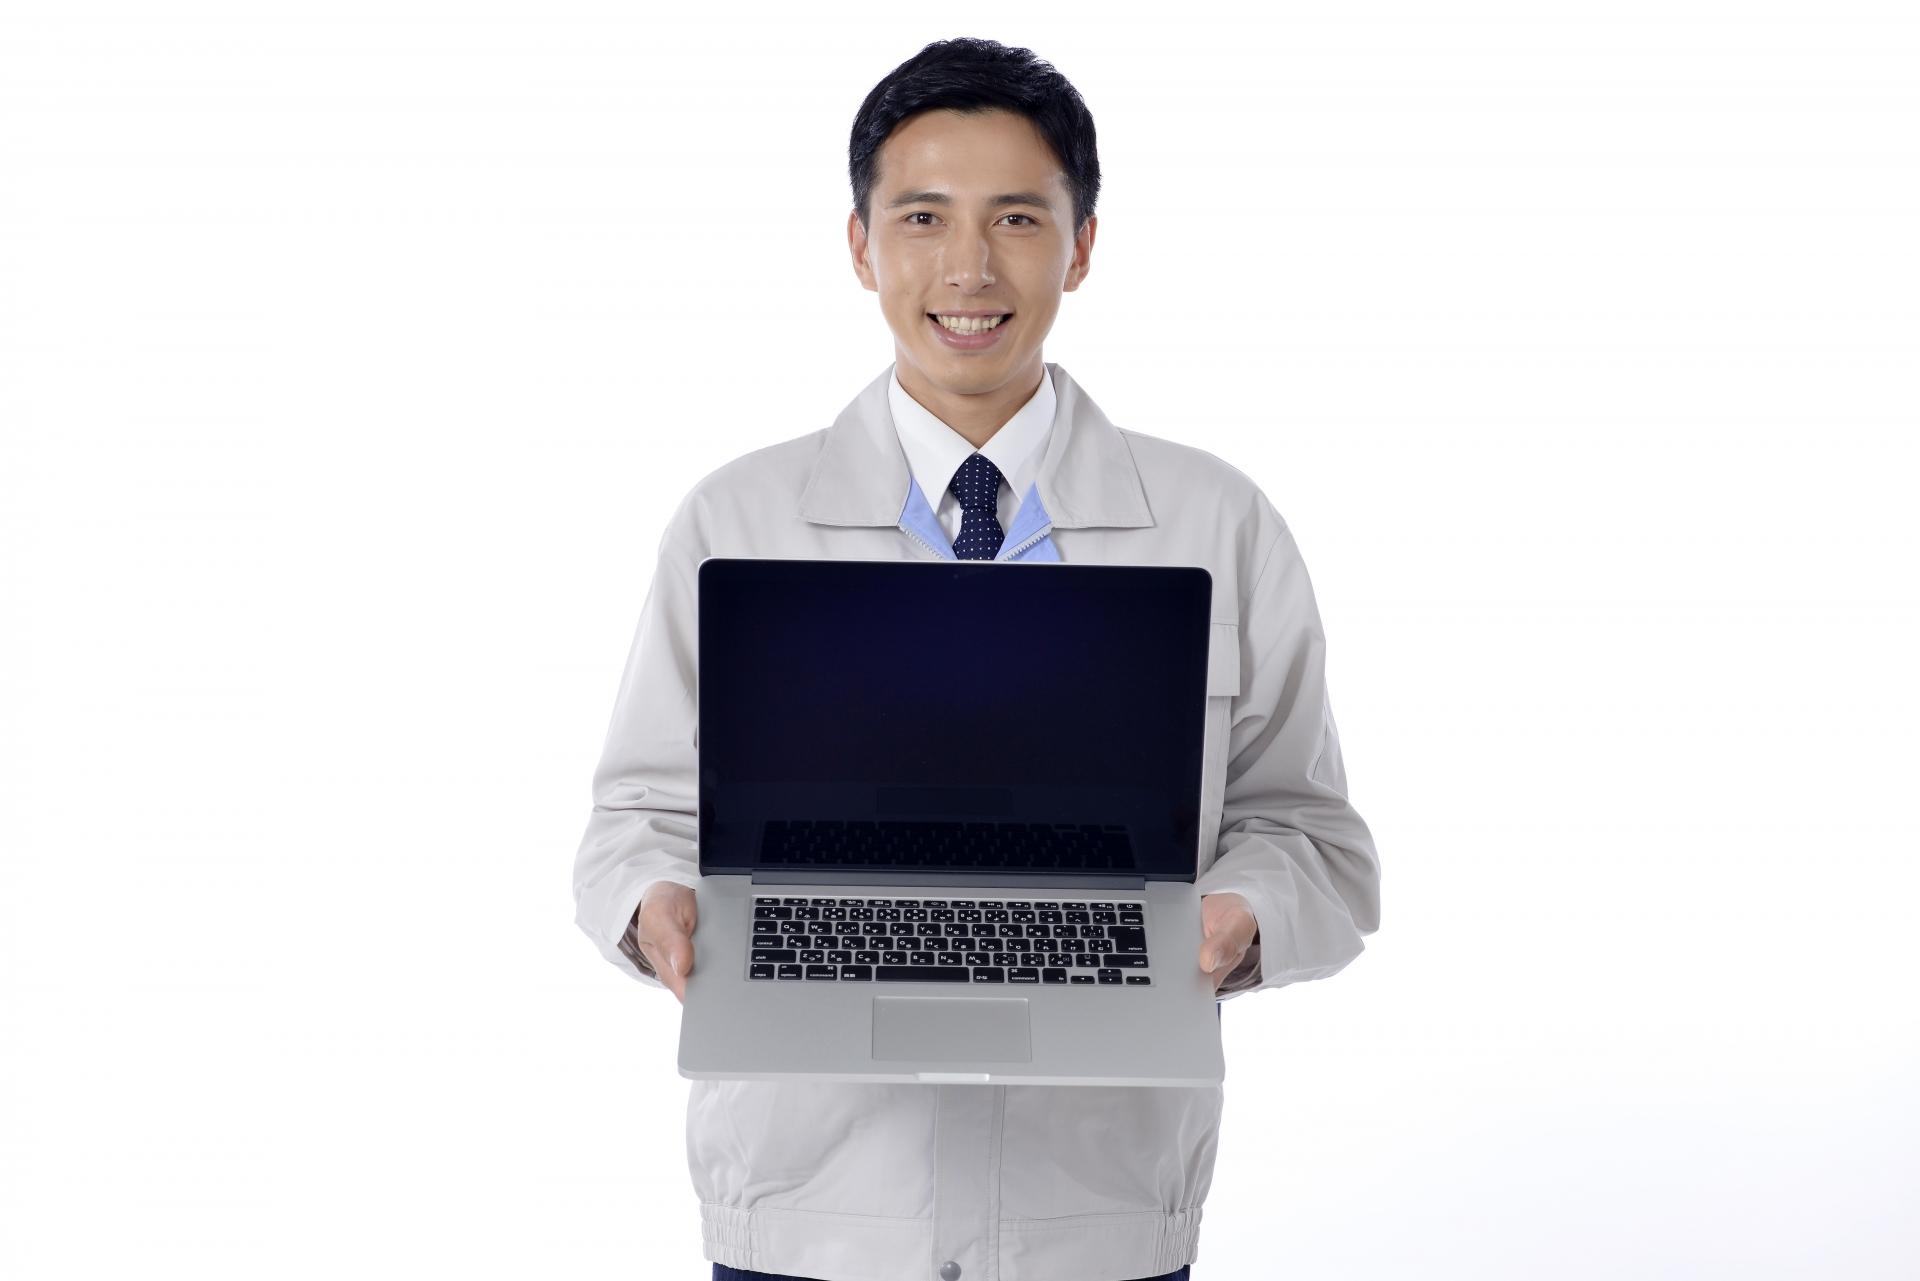 パソコンの持ち込み修理の流れは?おすすめ業者5つを比較!